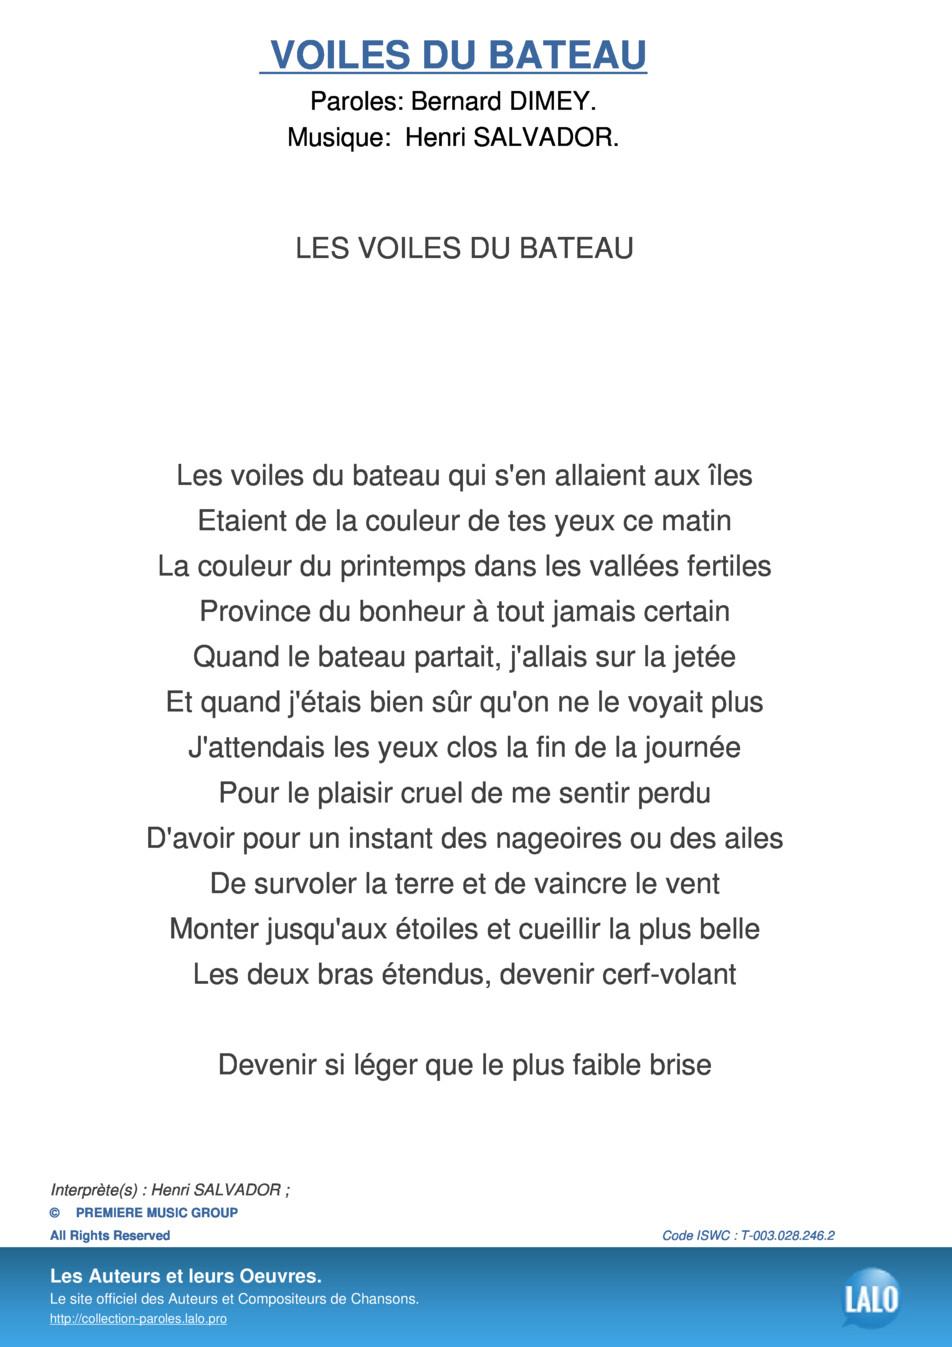 Paroles Et Musique De Voiles Du Bateau Henri Salvador - Lalo.pro à Le Vent Dans Les Voiles Chanson